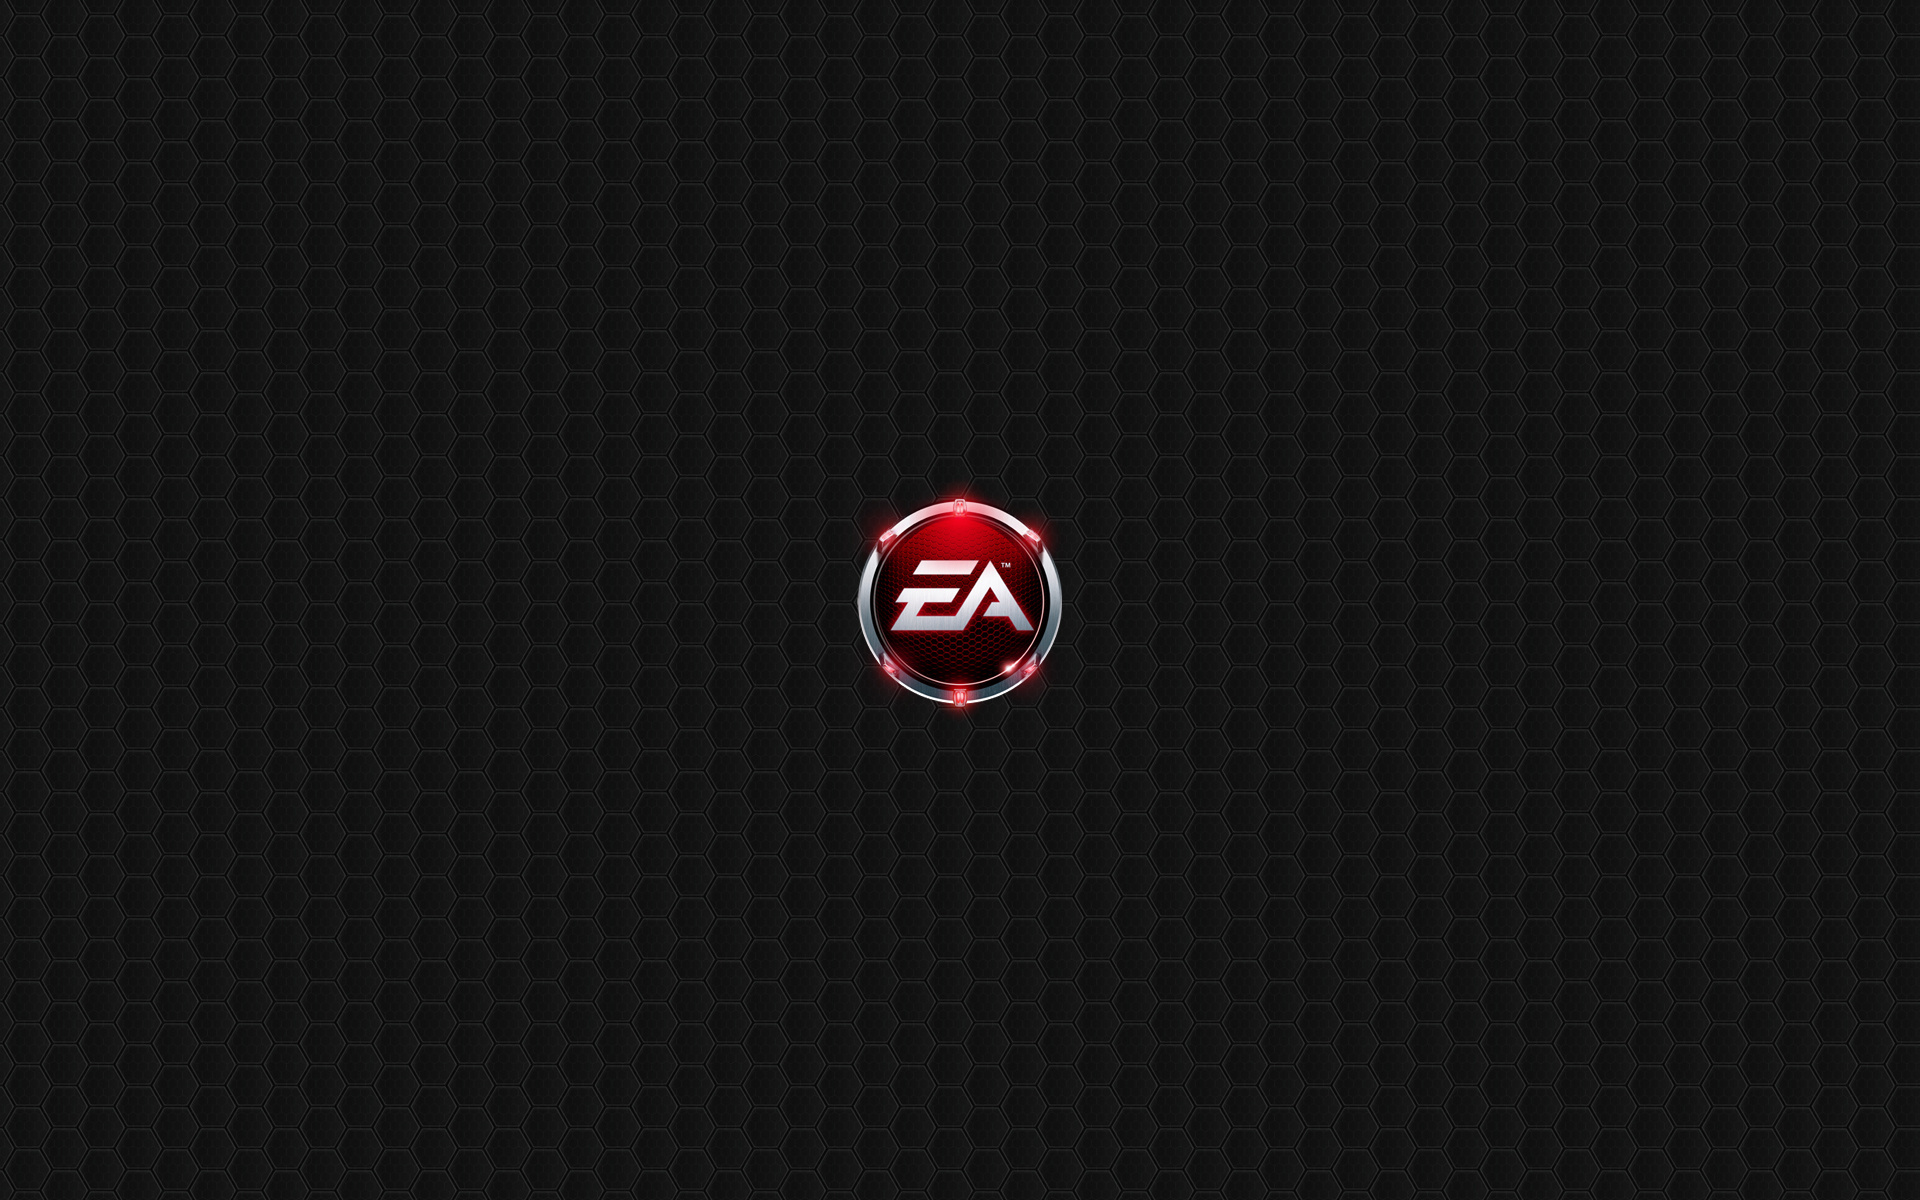 fantastic ea logo wallpaper 40957